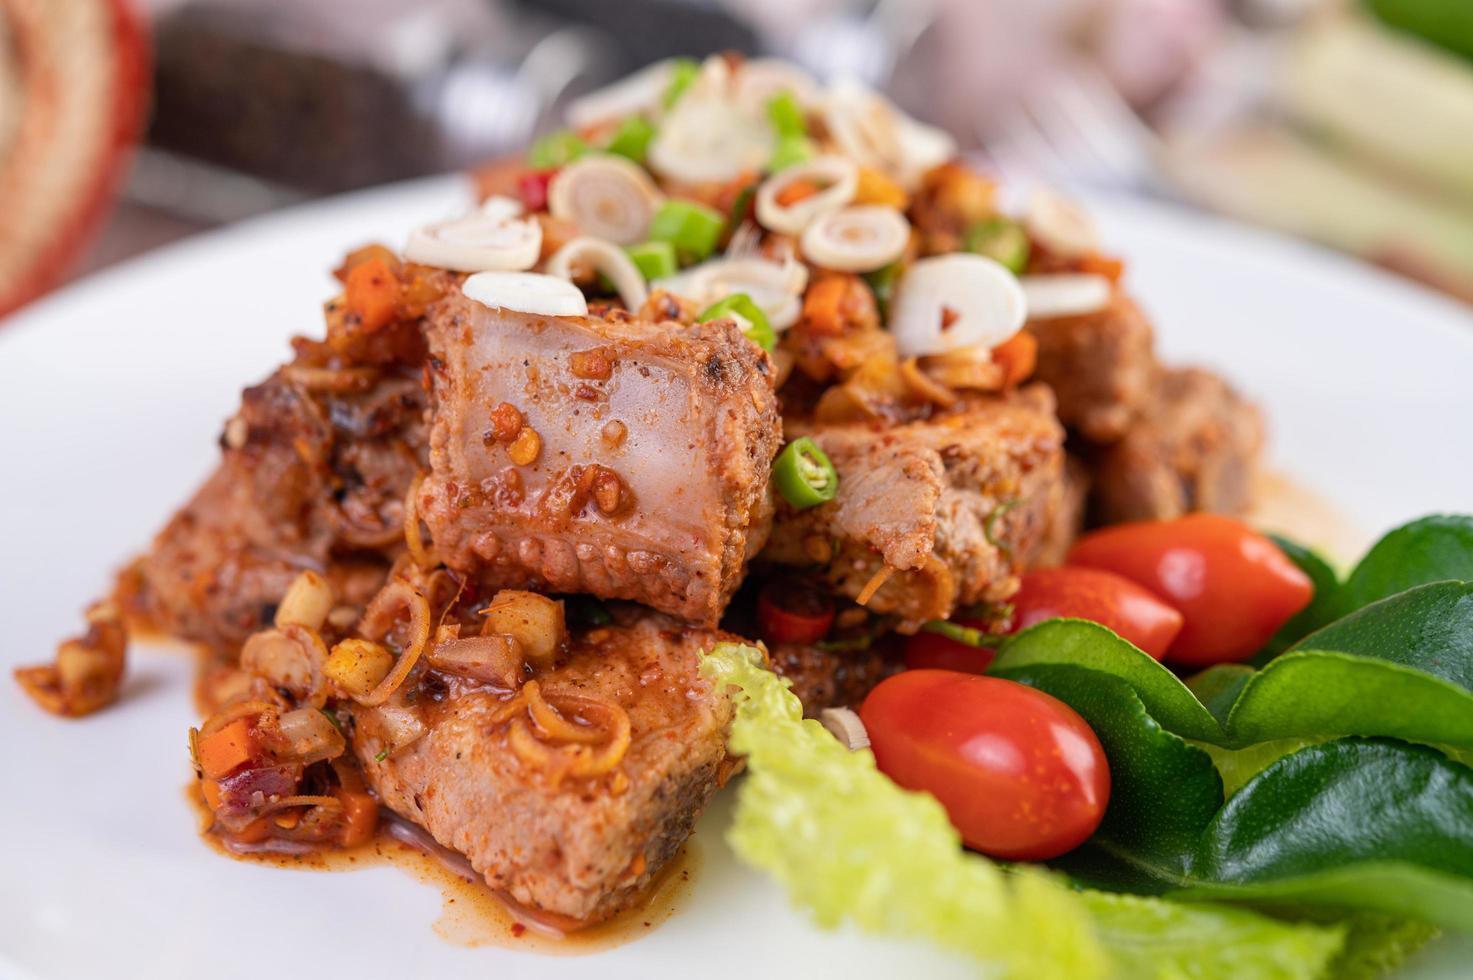 würziges Schweinefleisch mit Tomaten gehackt foto